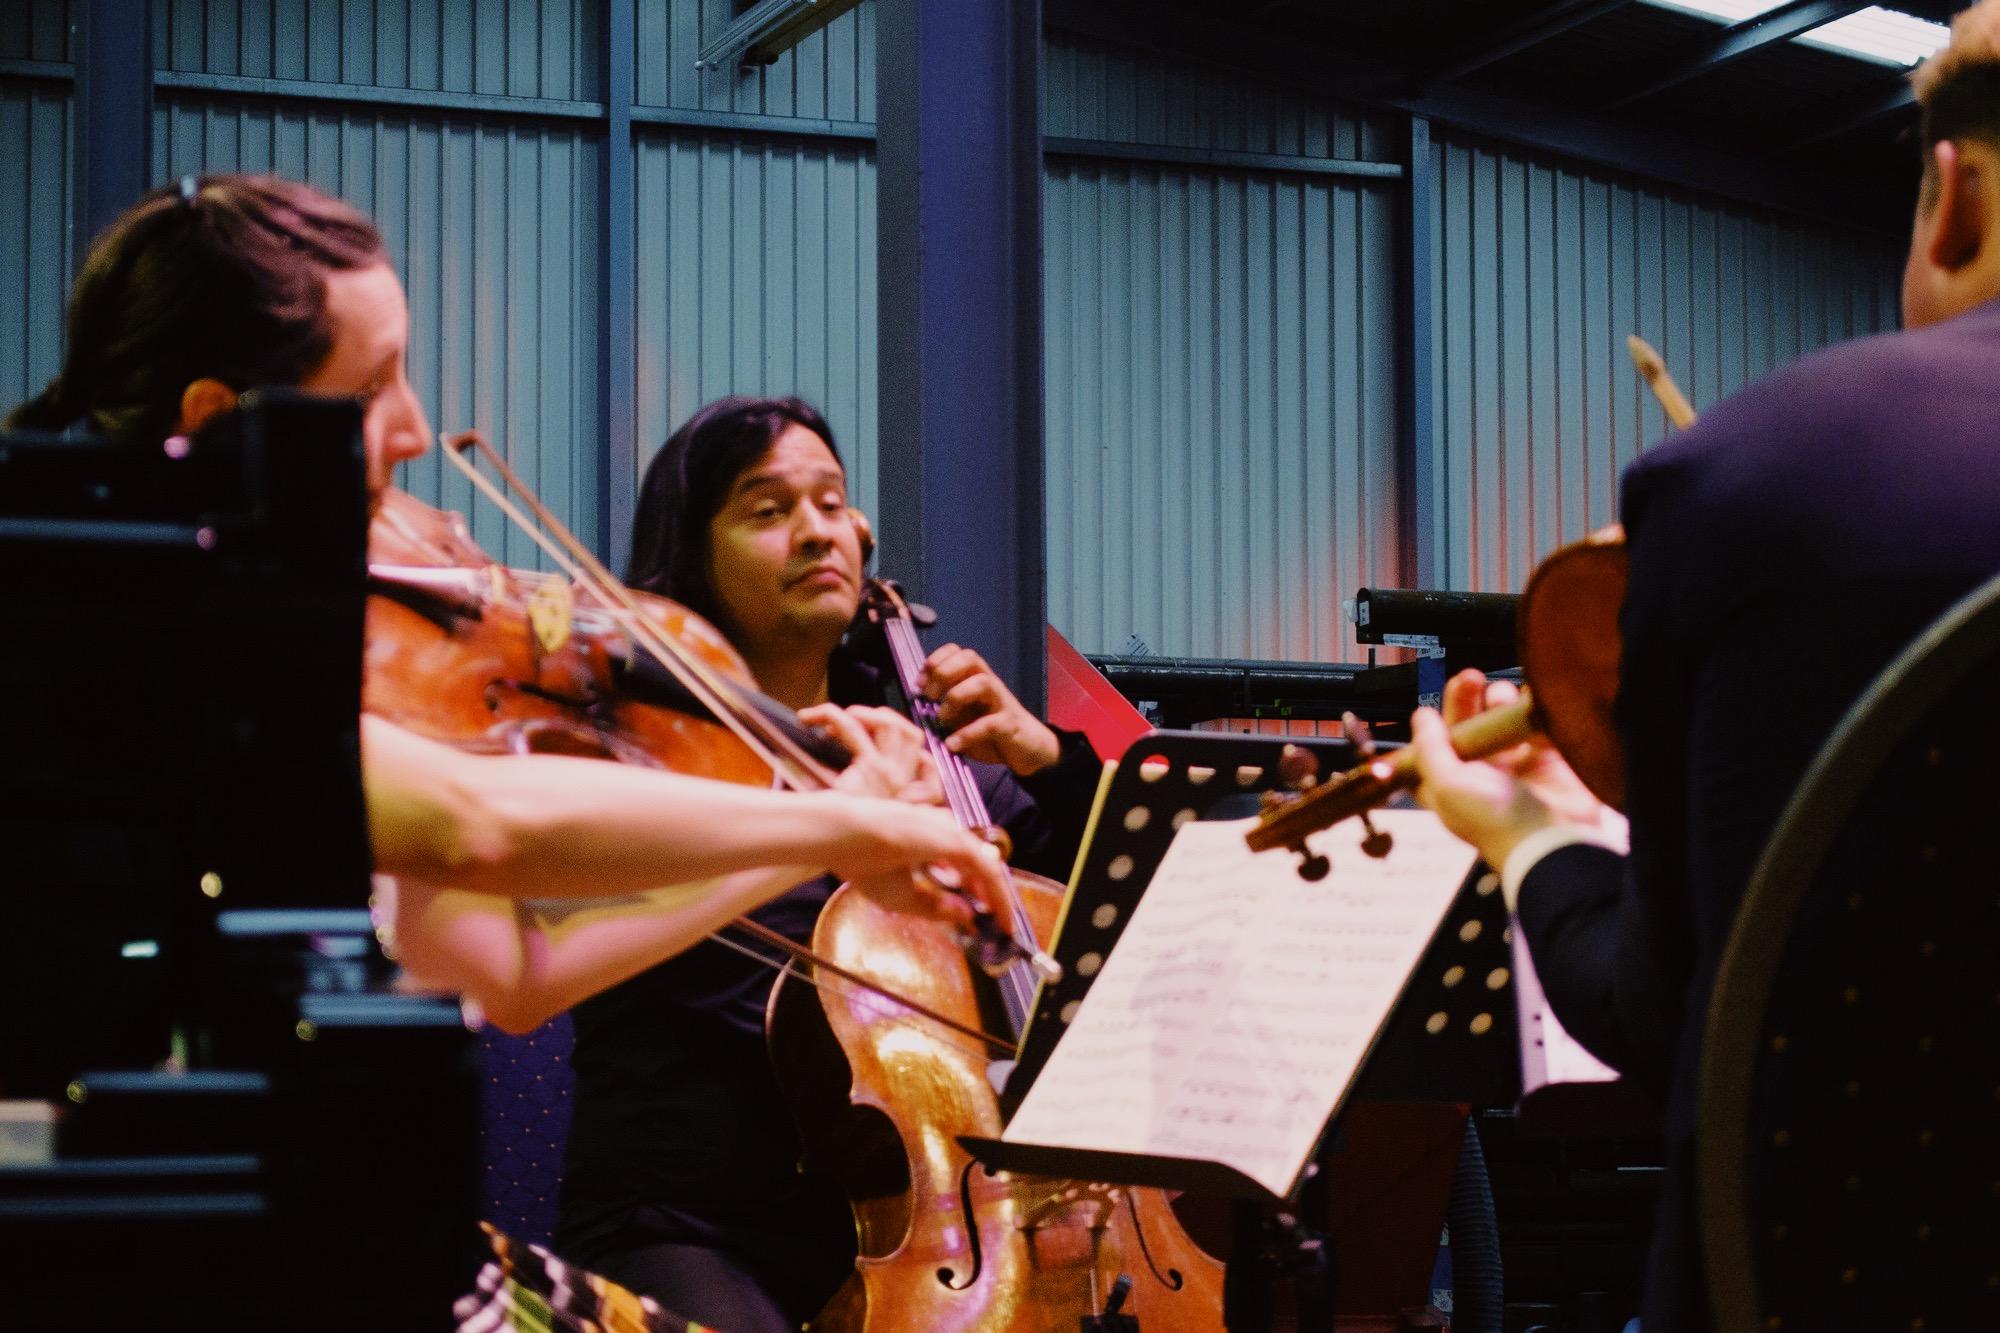 Gala-Konzert